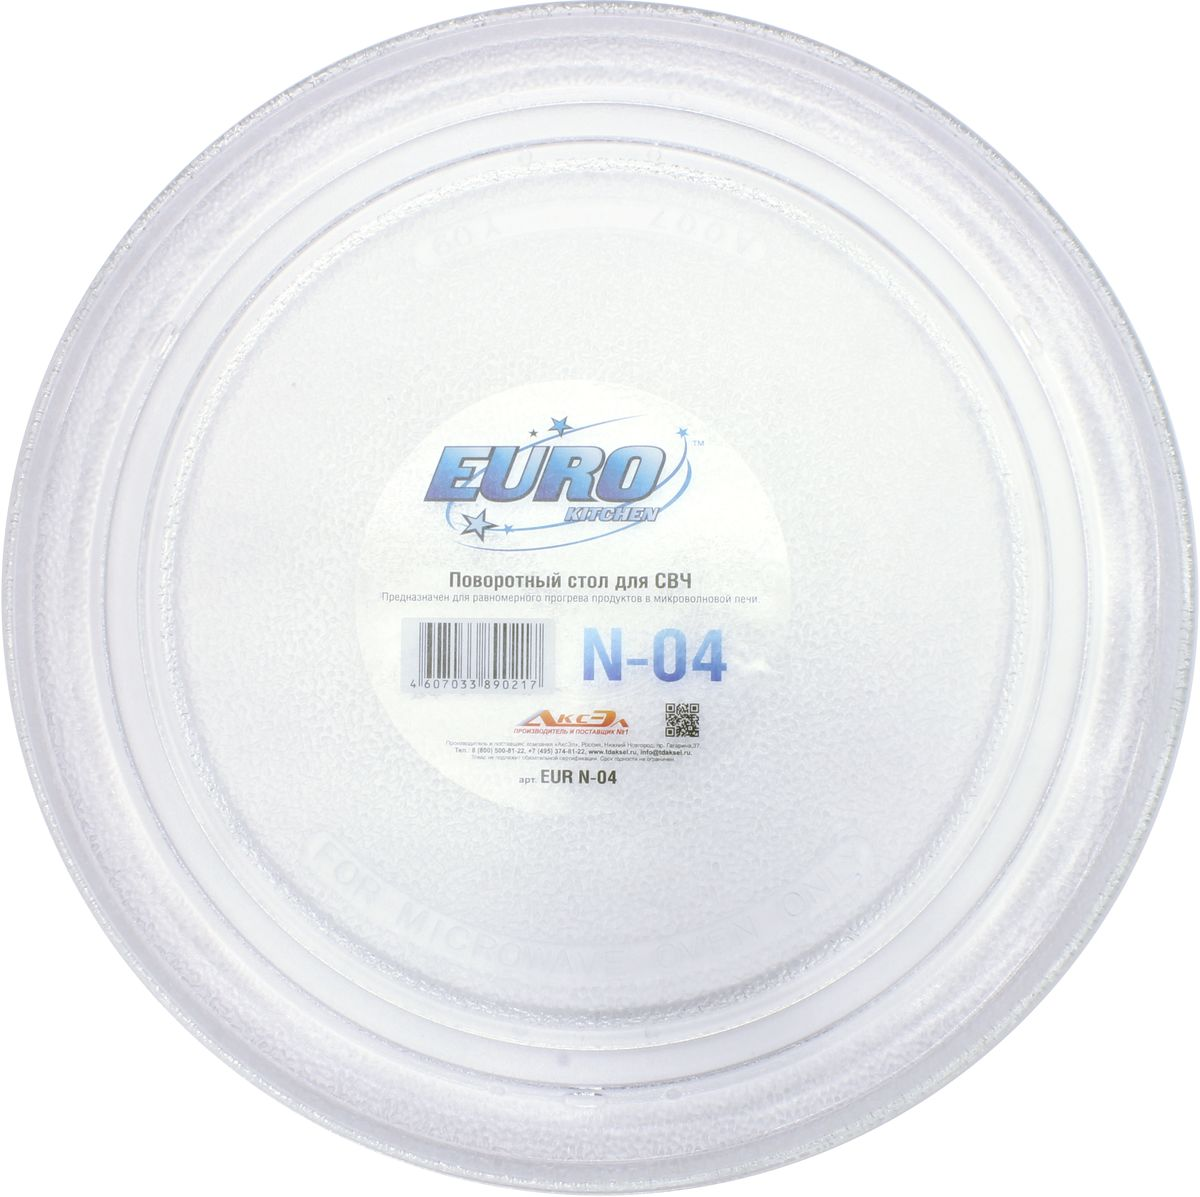 Euro Kitchen N-04 тарелка для СВЧ